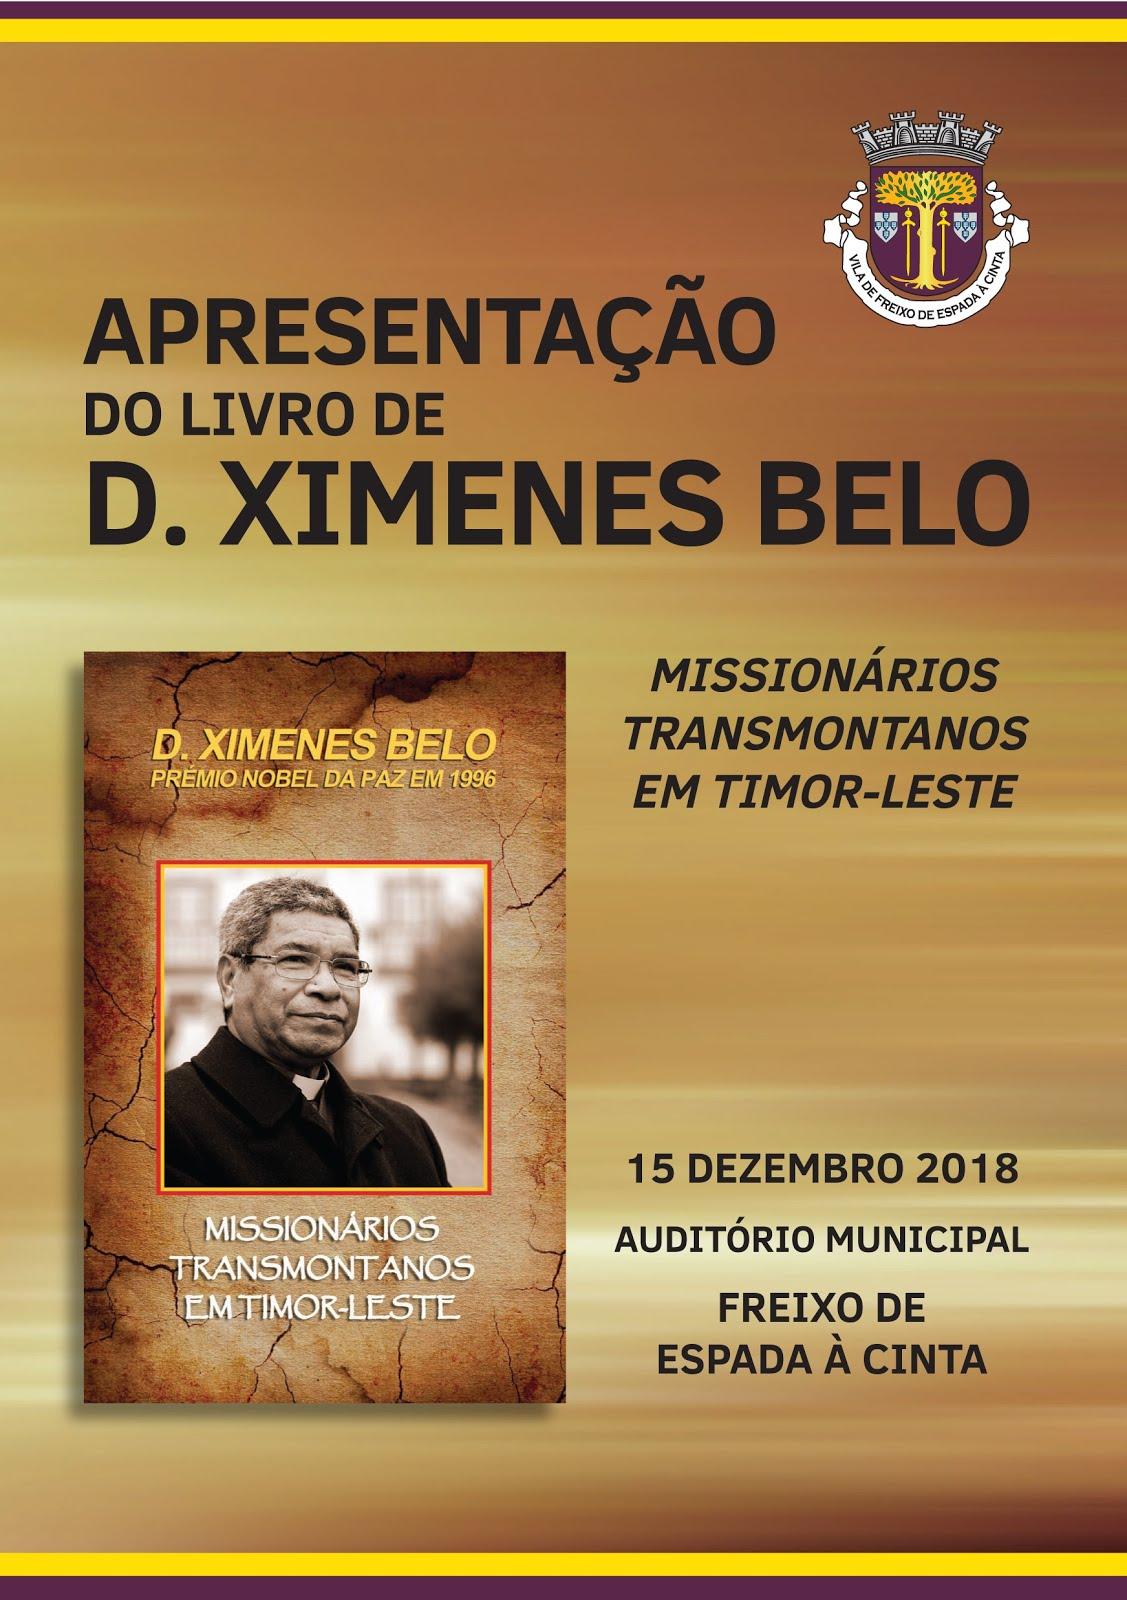 Dom Ximenes Belo